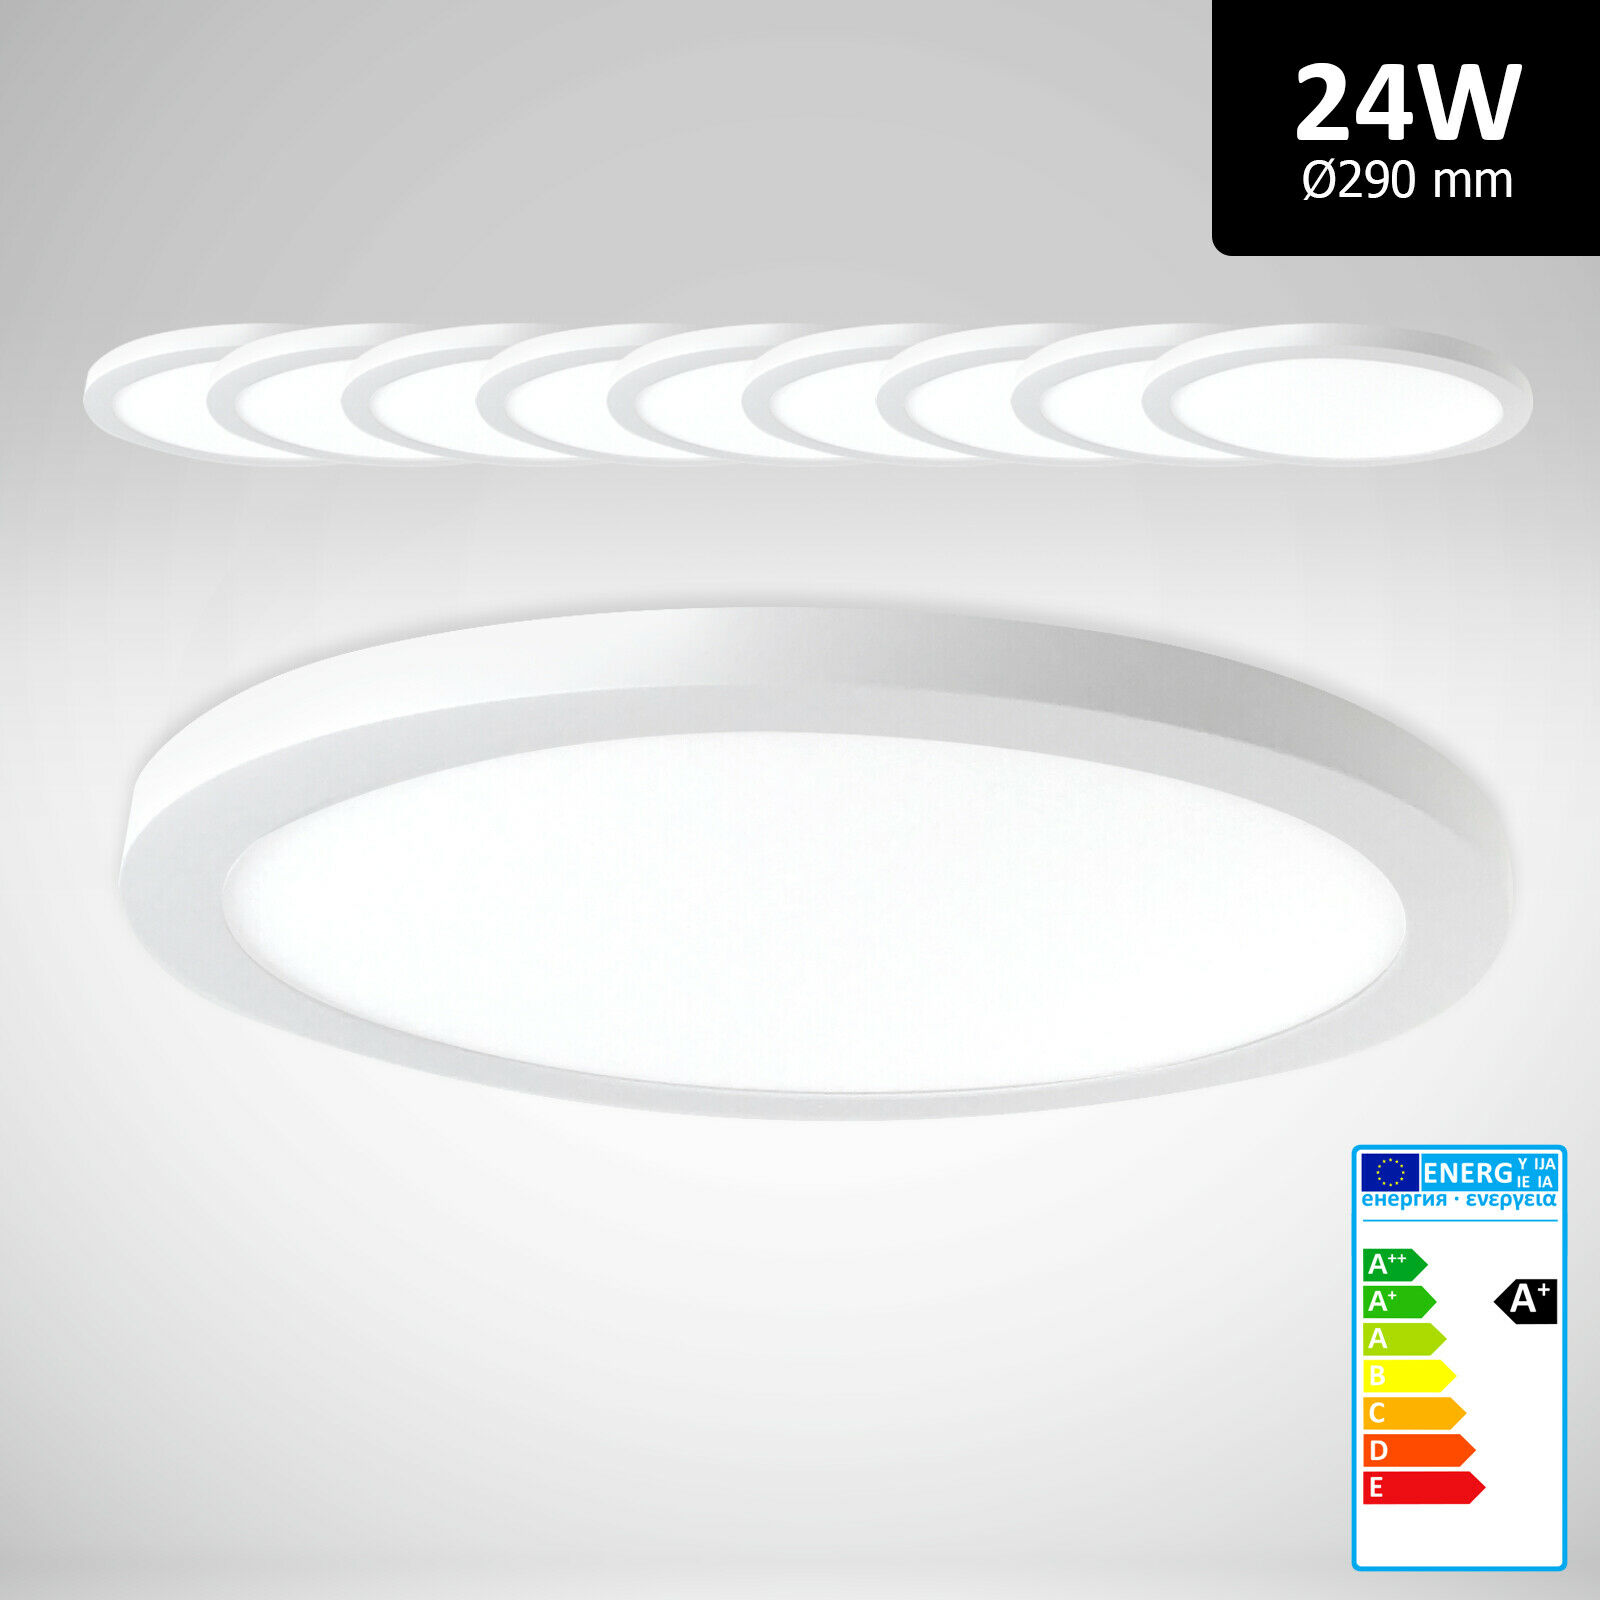 10x LED Deckenlampe dimmbar rund 24W kaltweiß 6000K Deckenleuchte Aufputz PLm4